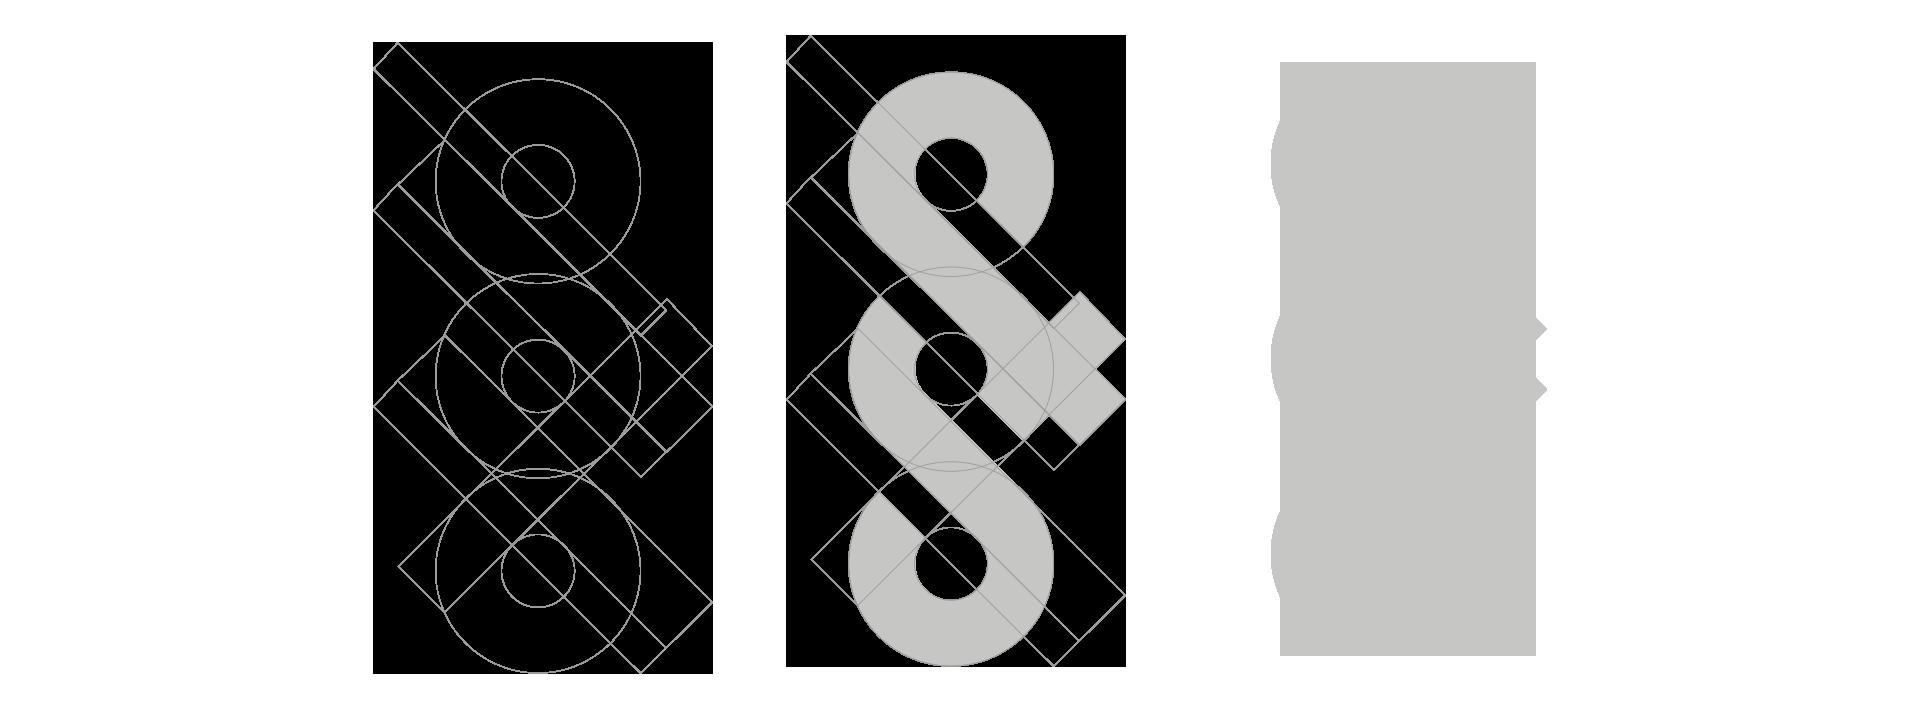 symbol copy.png